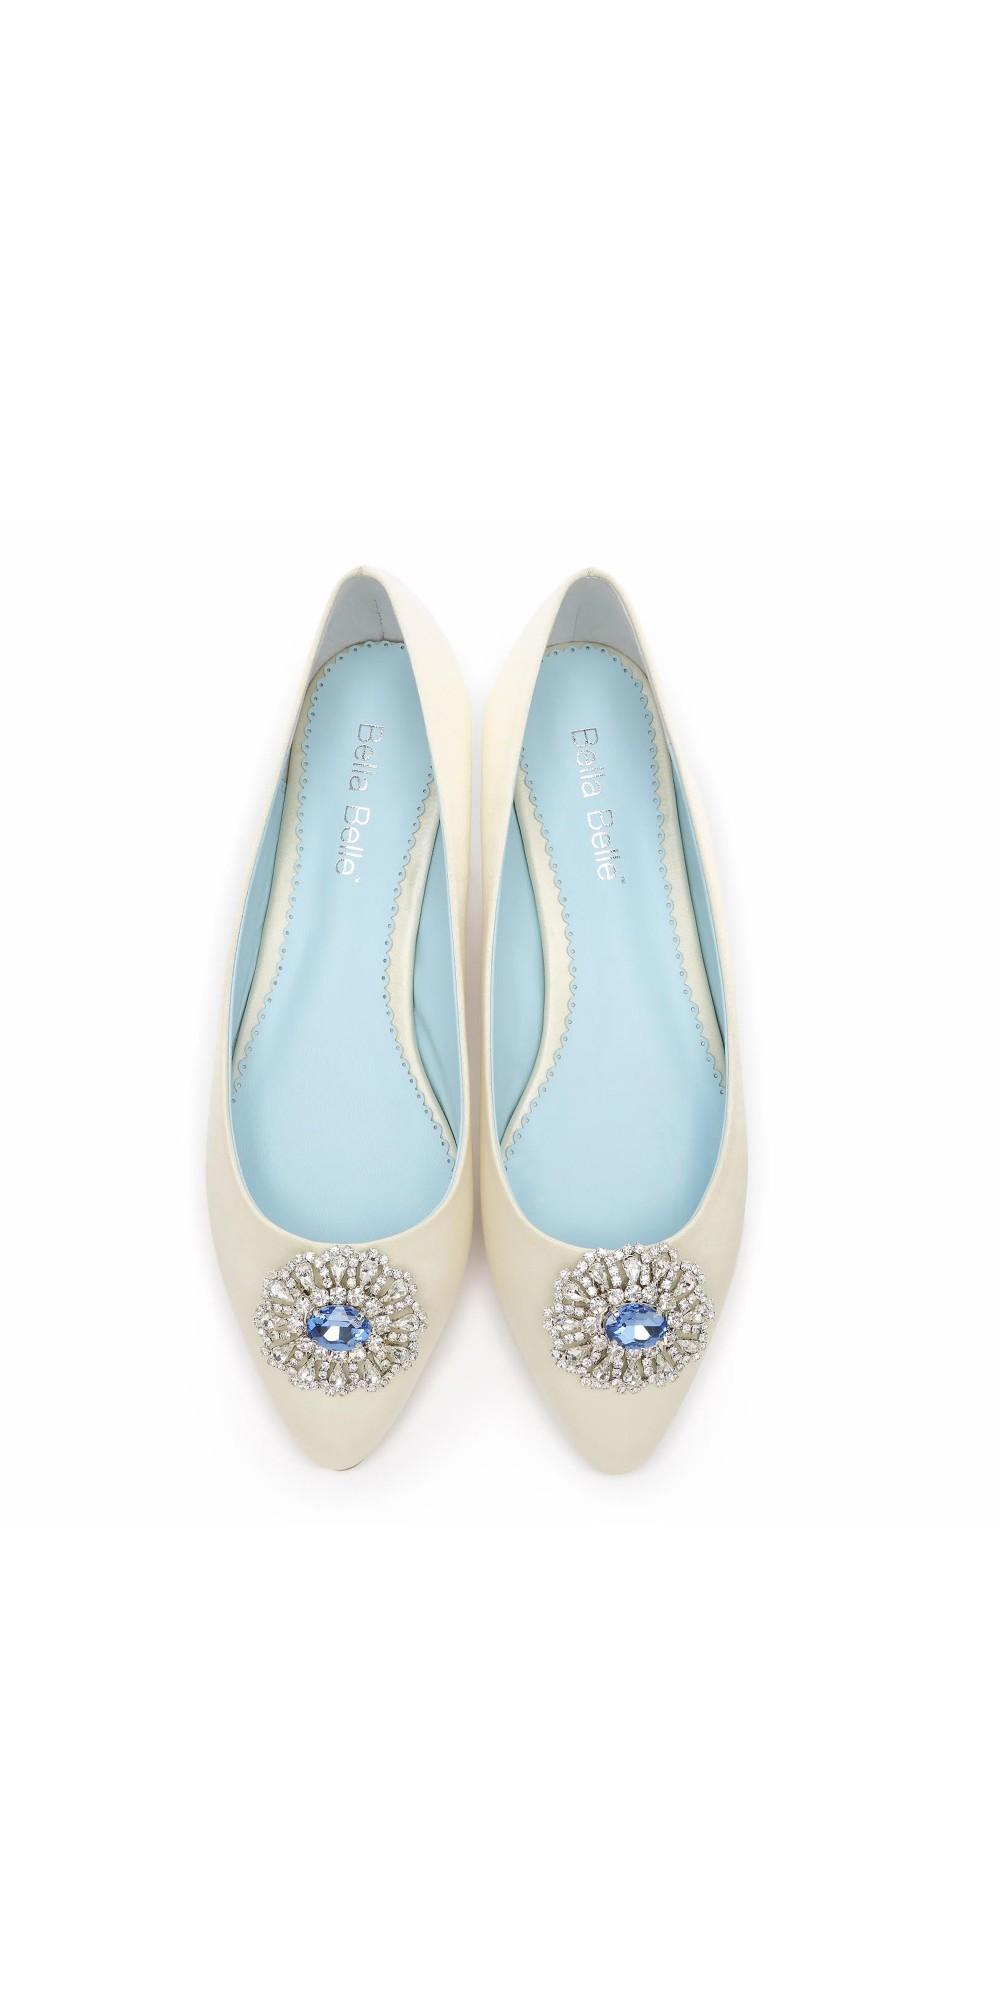 Edwardian Shoes Jackie Bridal Flats $289.00 AT vintagedancer.com